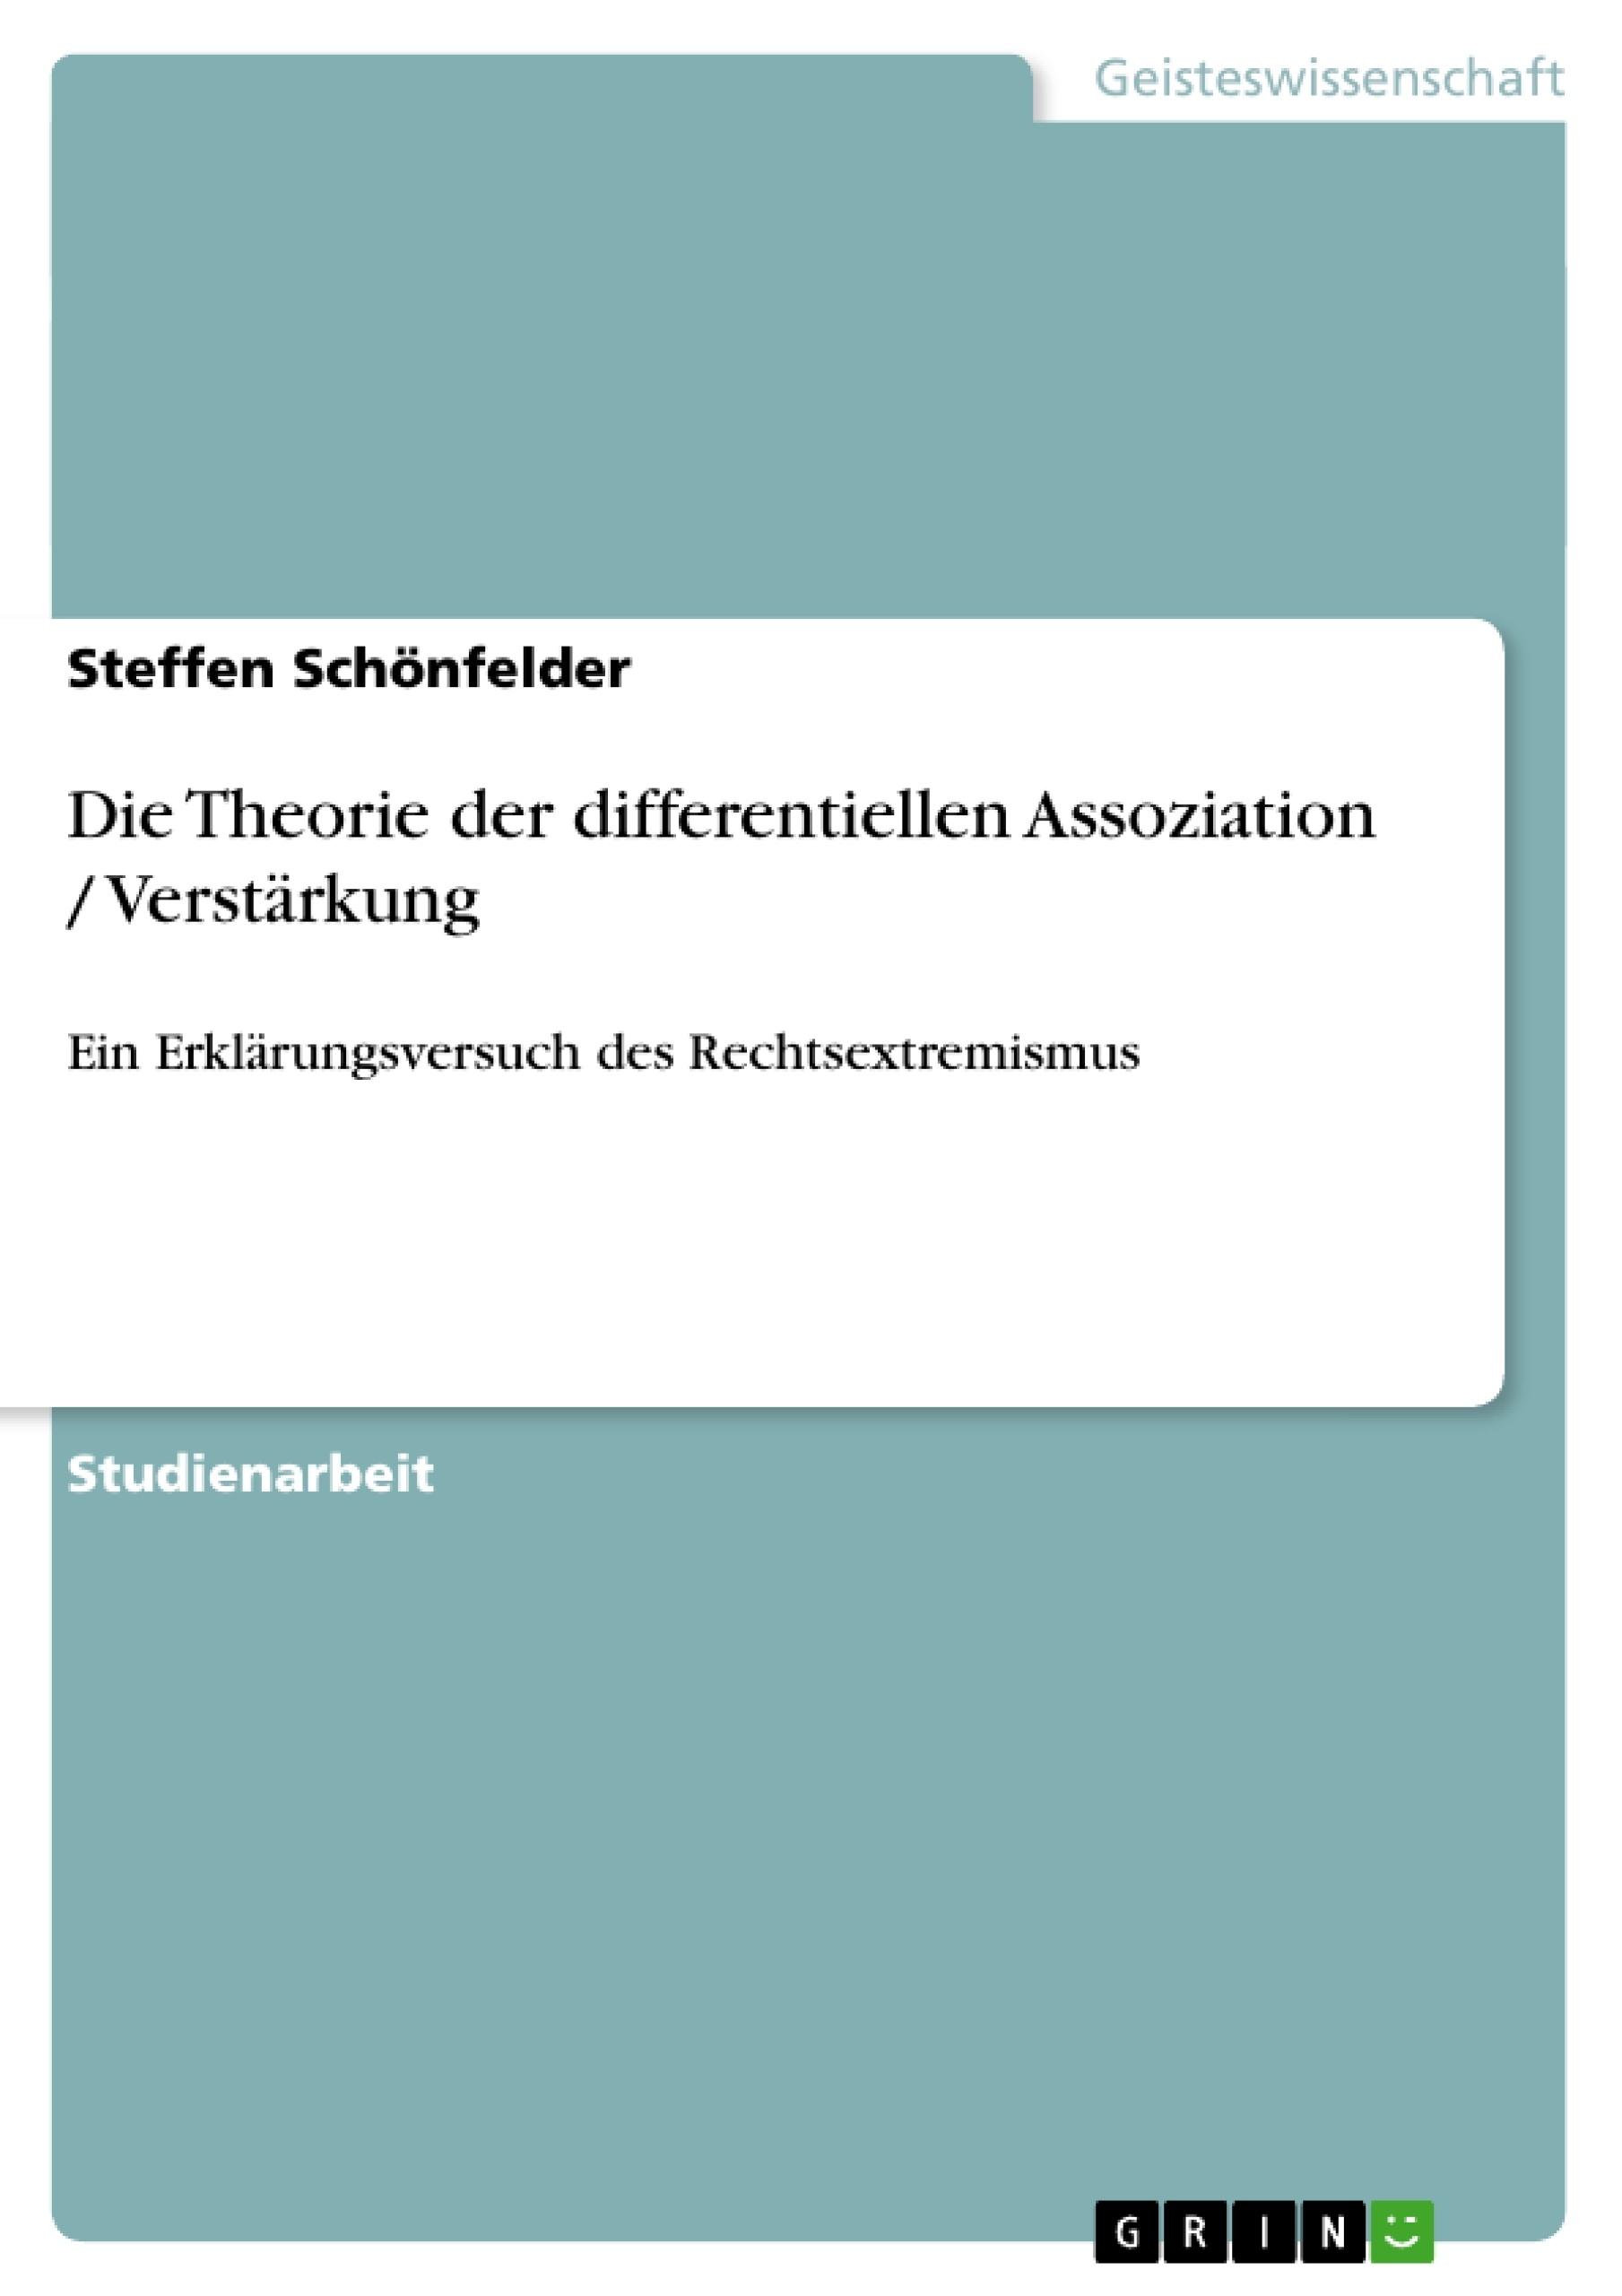 Titel: Die Theorie der differentiellen Assoziation / Verstärkung